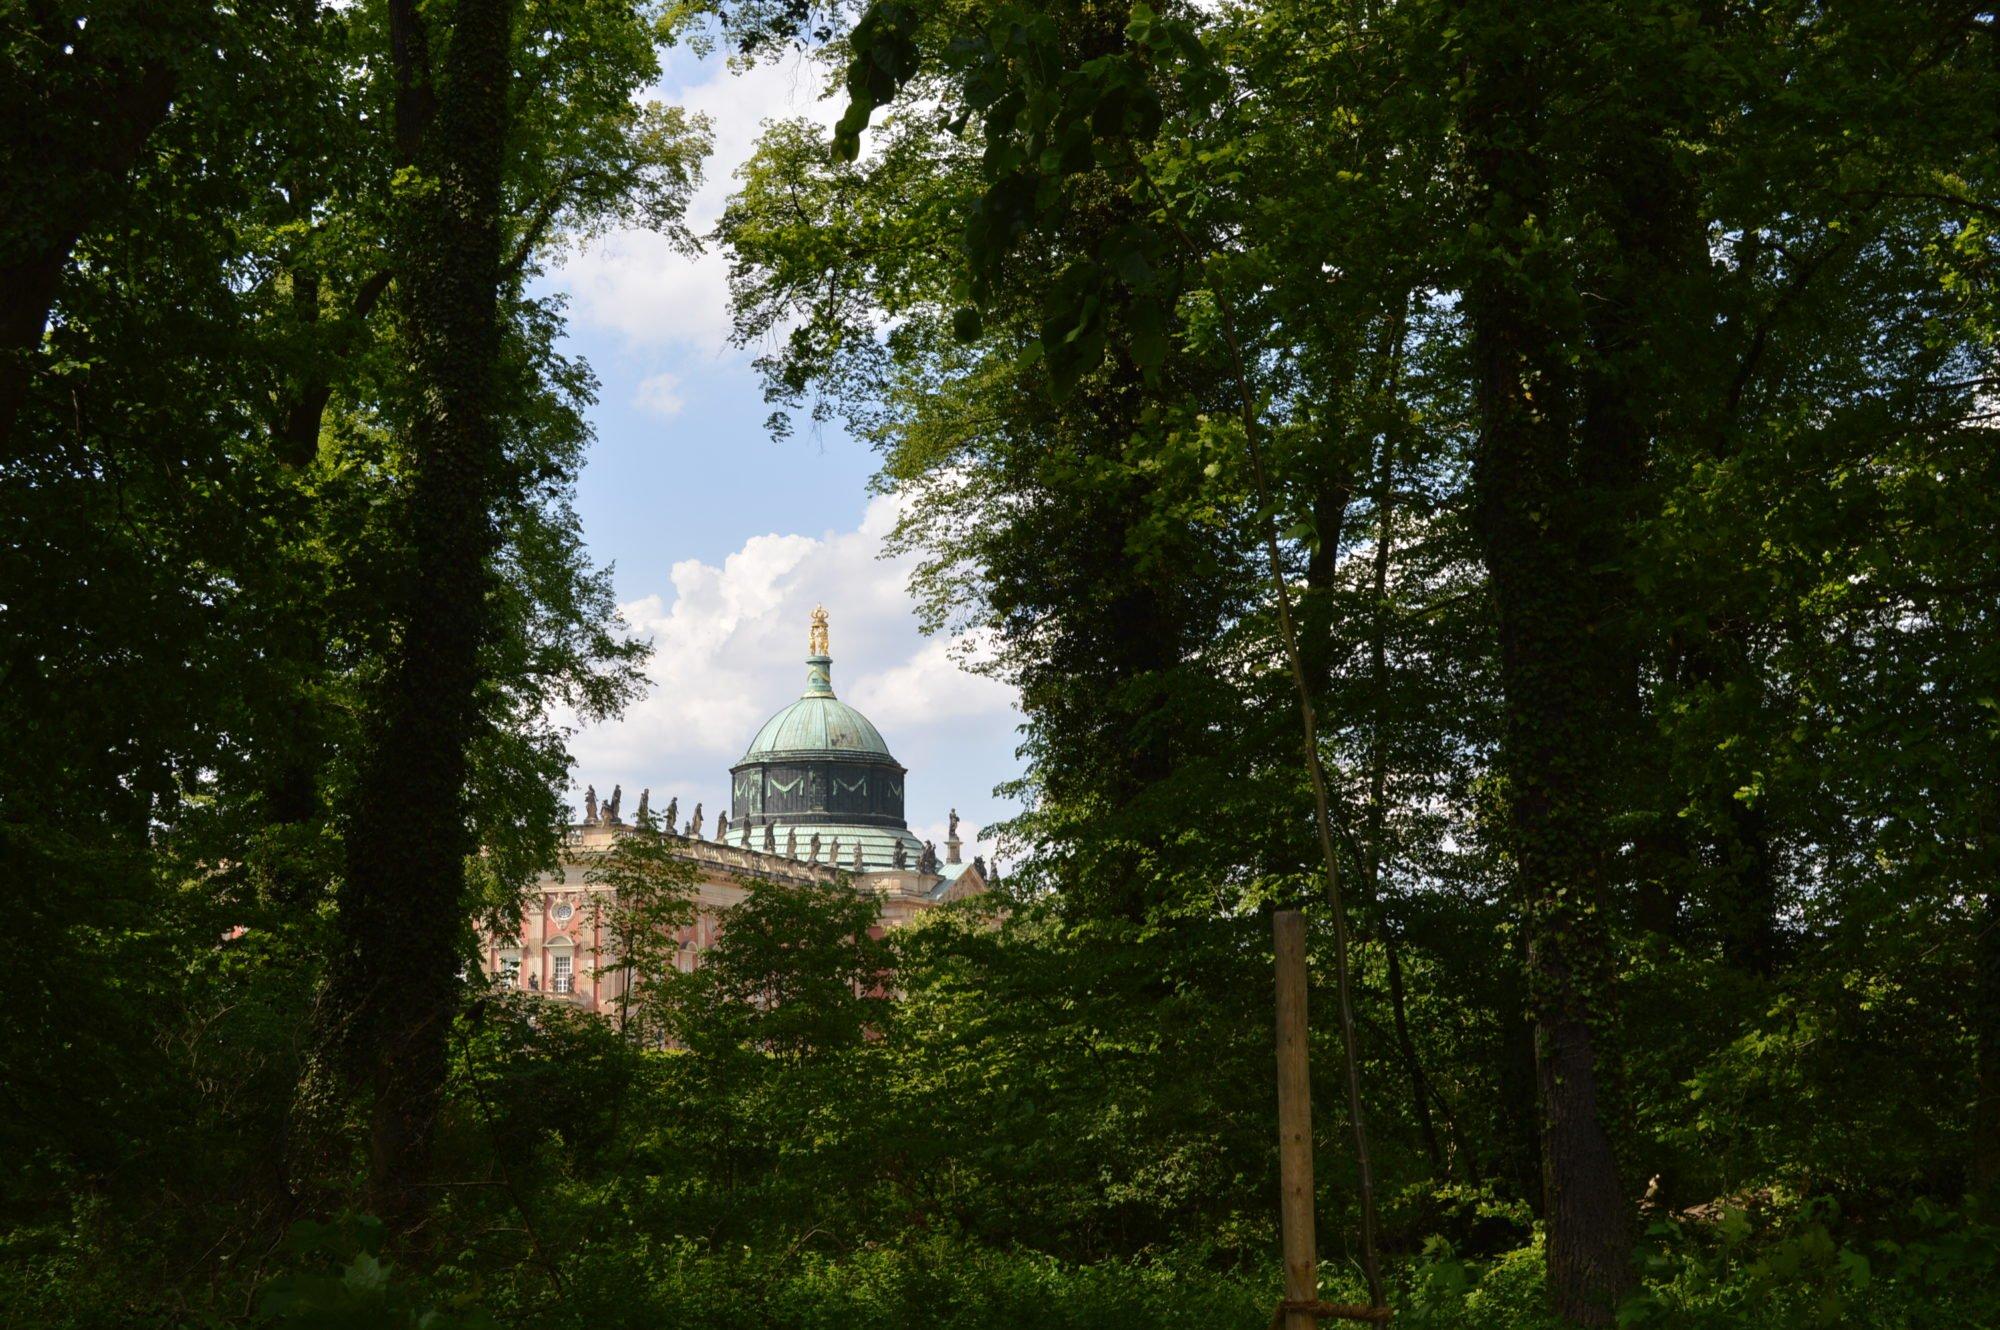 Blick auf ein altes Schlossgebäude, durch Bäume hindurch fotografiert.